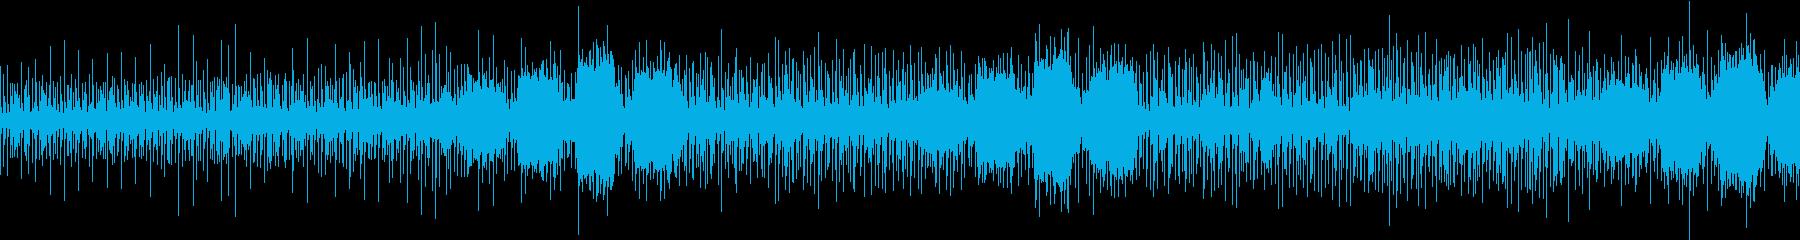 アフリカの儀式っぽい音楽の再生済みの波形